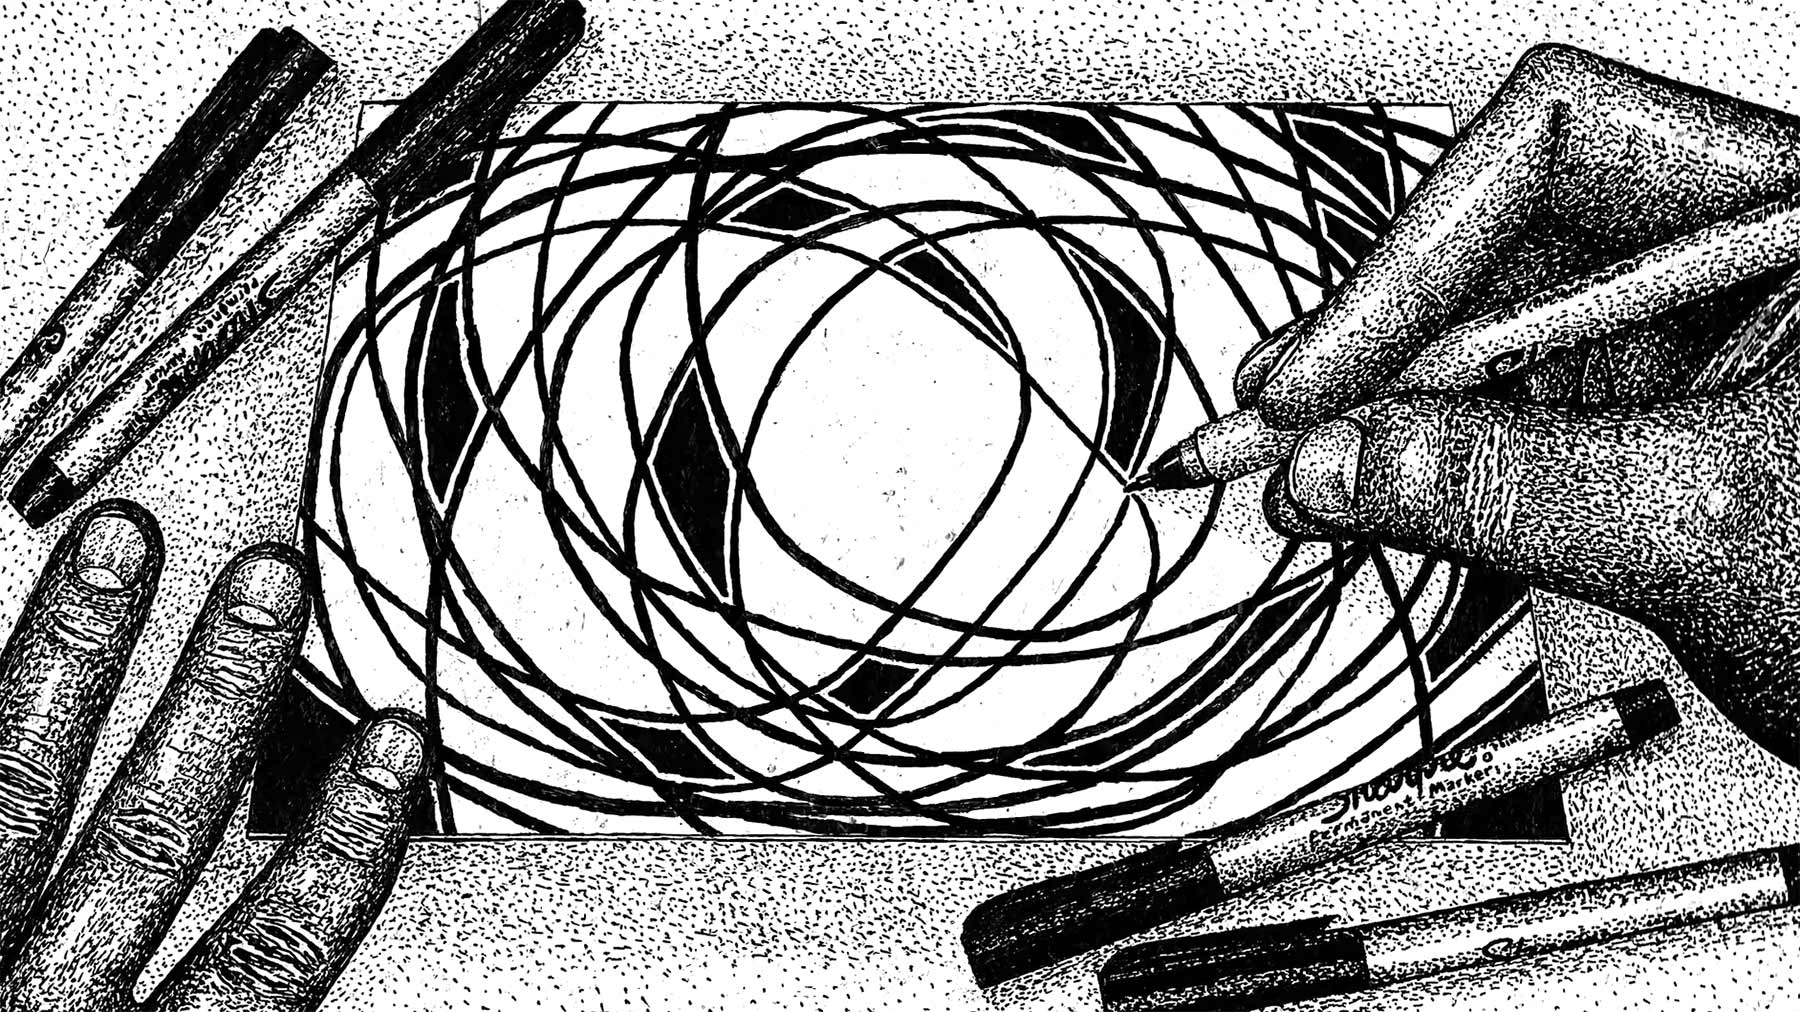 Handgemalte Animation auf einem einzelnen Blatt Papier jake-fried-the-blank-page